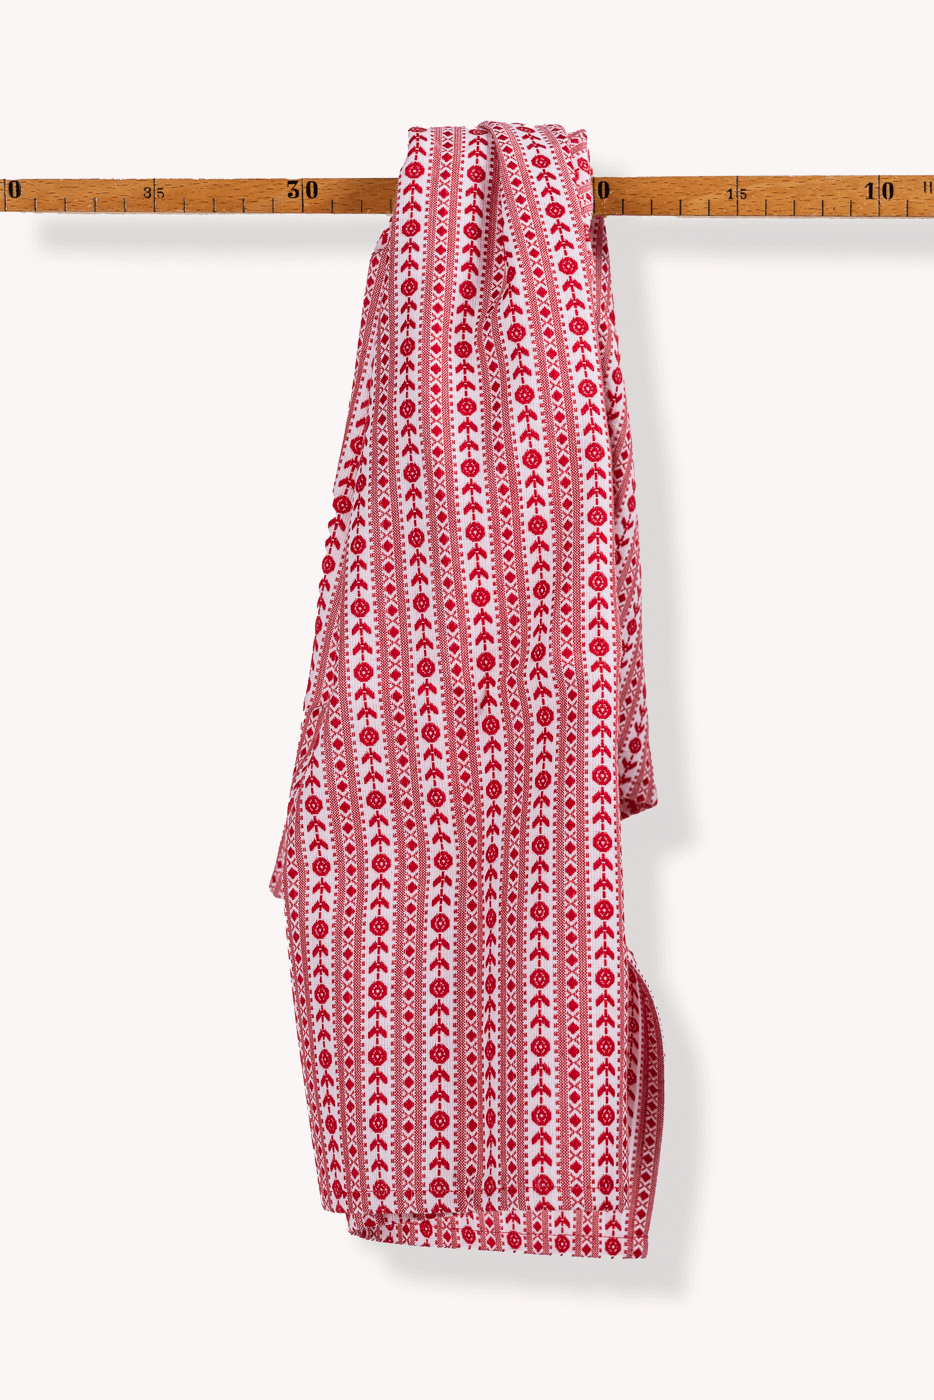 Geschirrhandtuch, rot